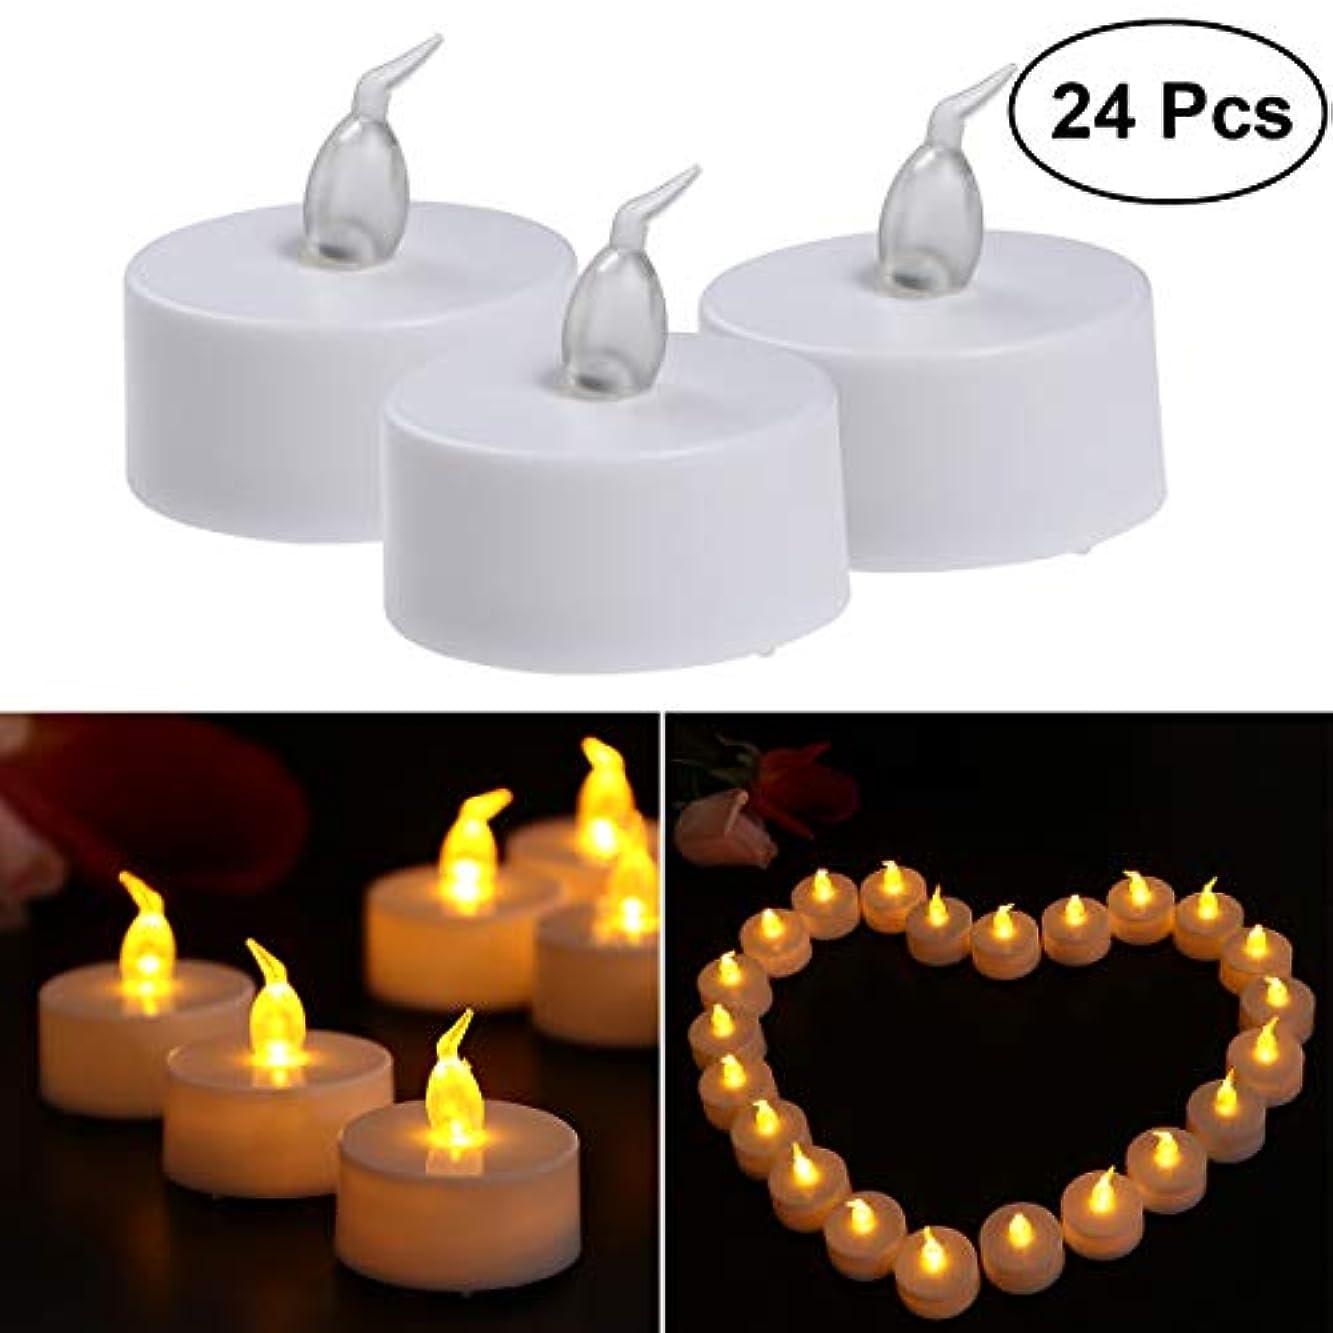 擬人条約発見Vosarea キャンドル ライト LED キャンドルを点灯 電池で動作 プラスチック 誕生日 祭り 祝賀 3.8×4.2cm 24ピース(黄色のフラッシュライト)